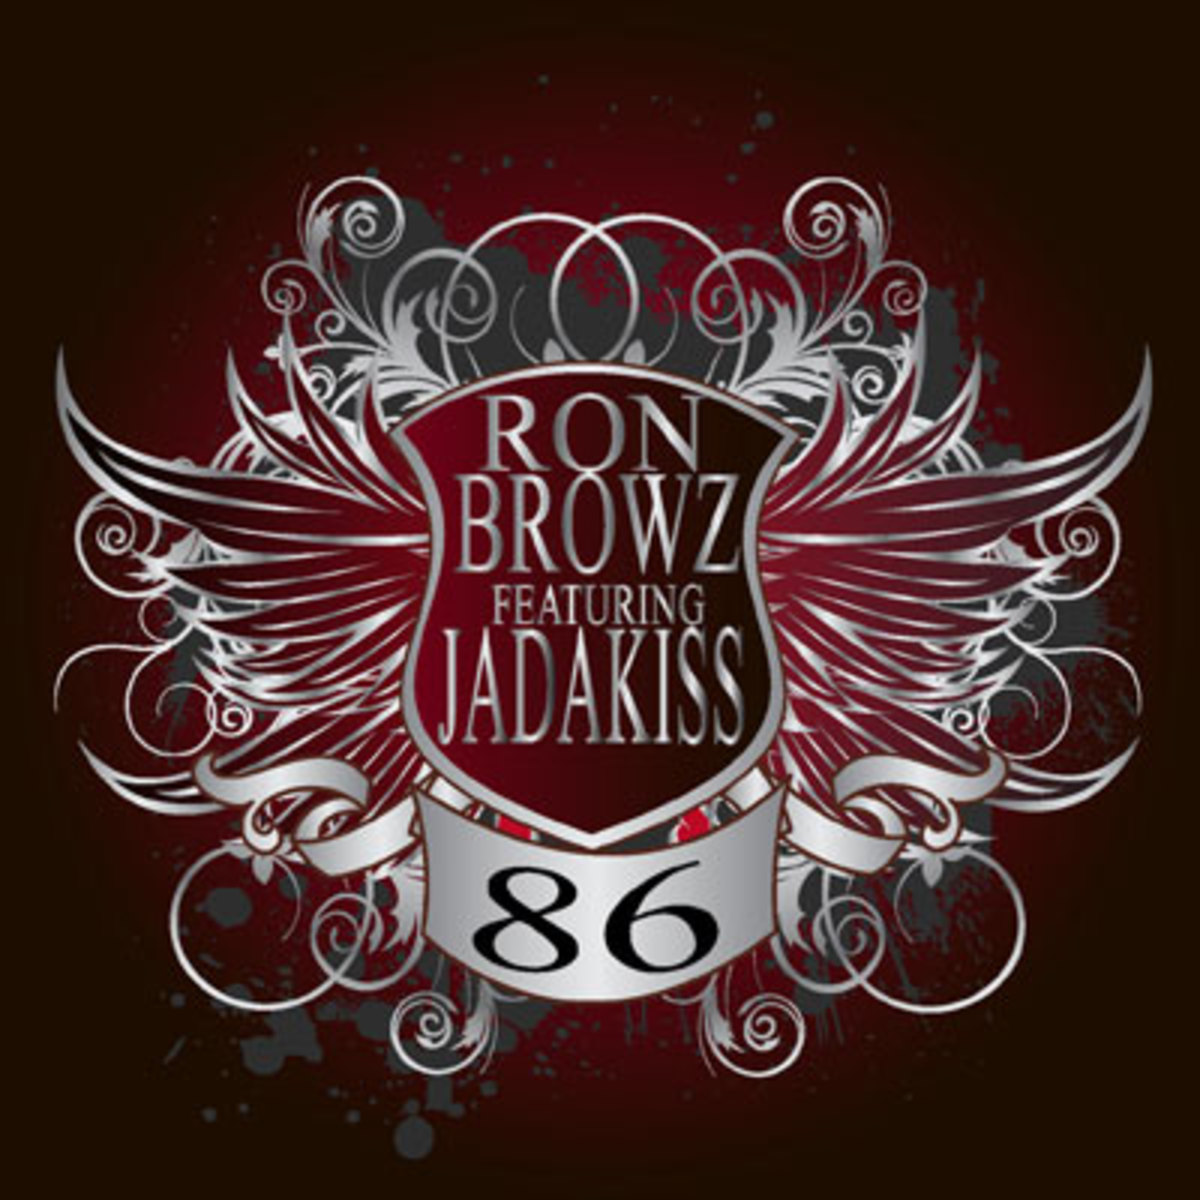 ronbrowz-862.jpg